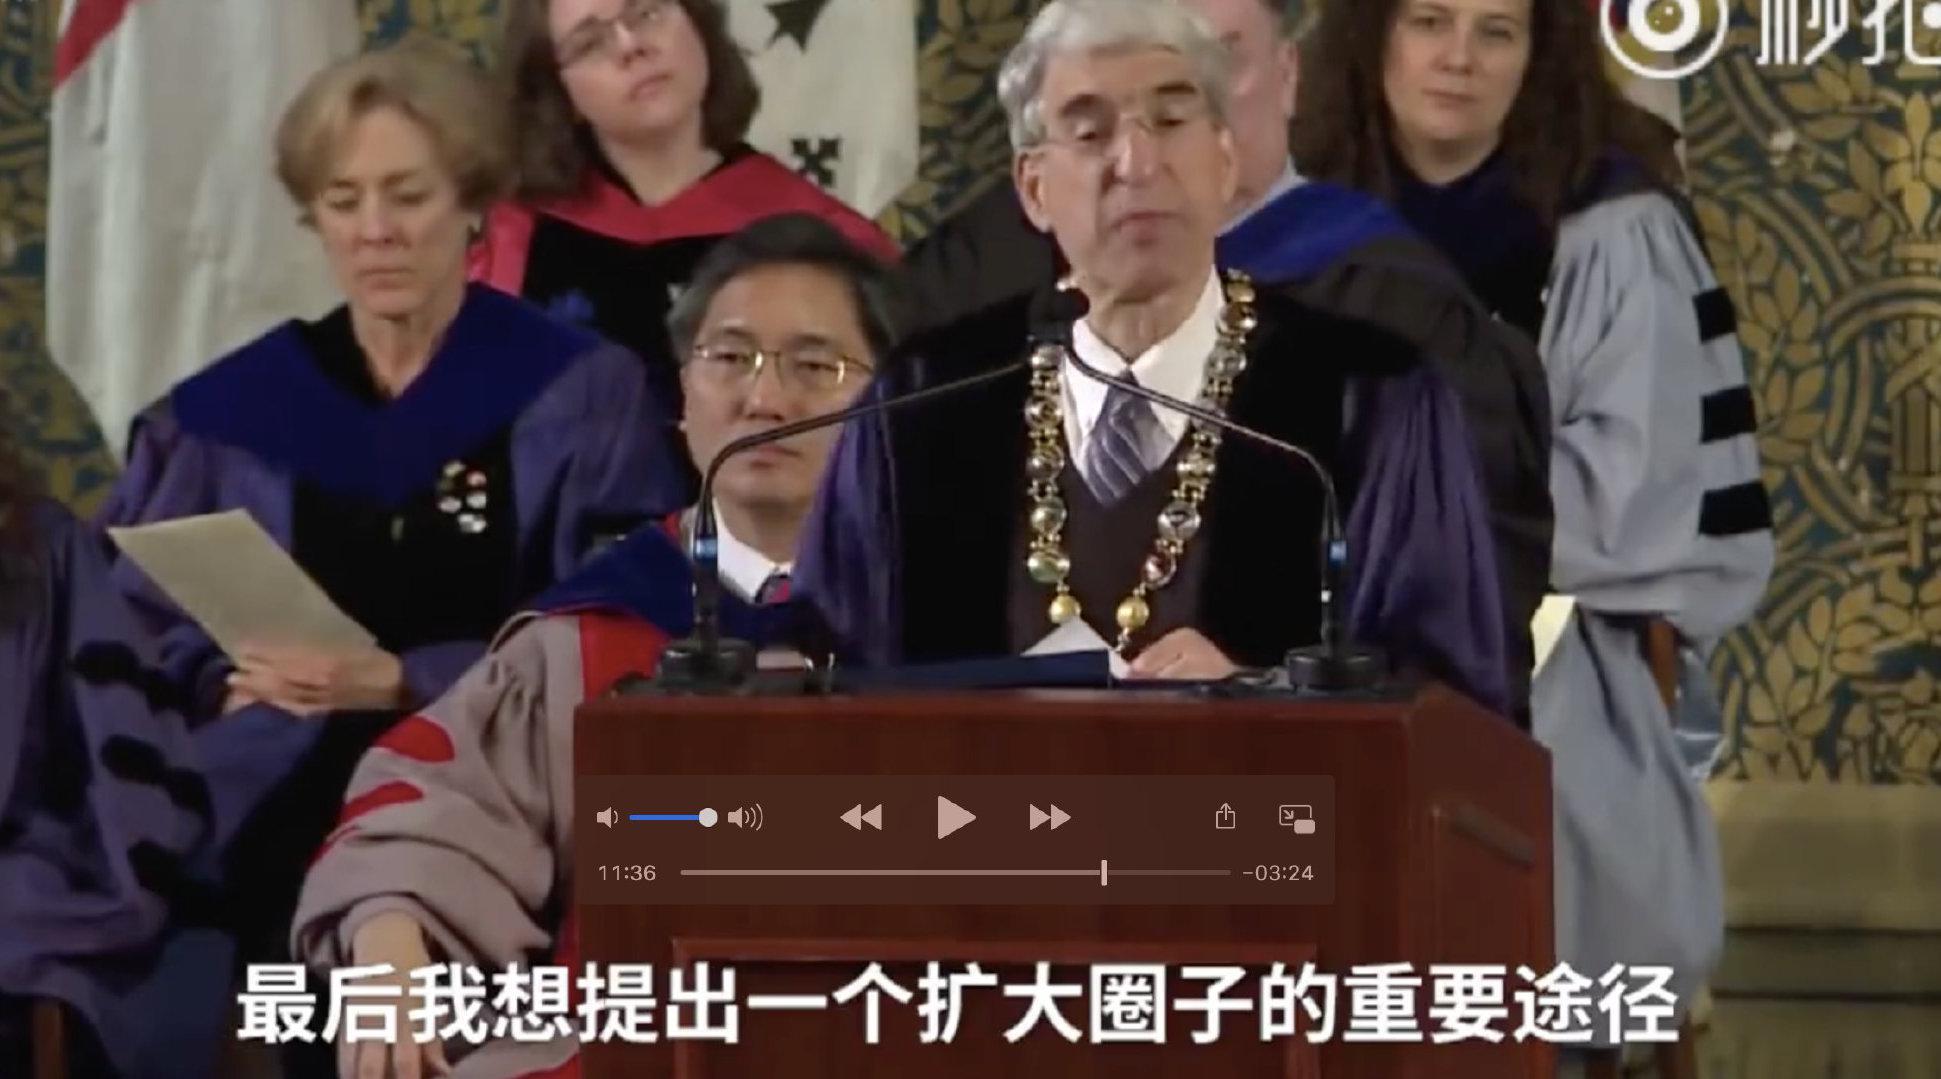 耶鲁大学校长毕业典礼演讲:跳出狭窄的朋友圈